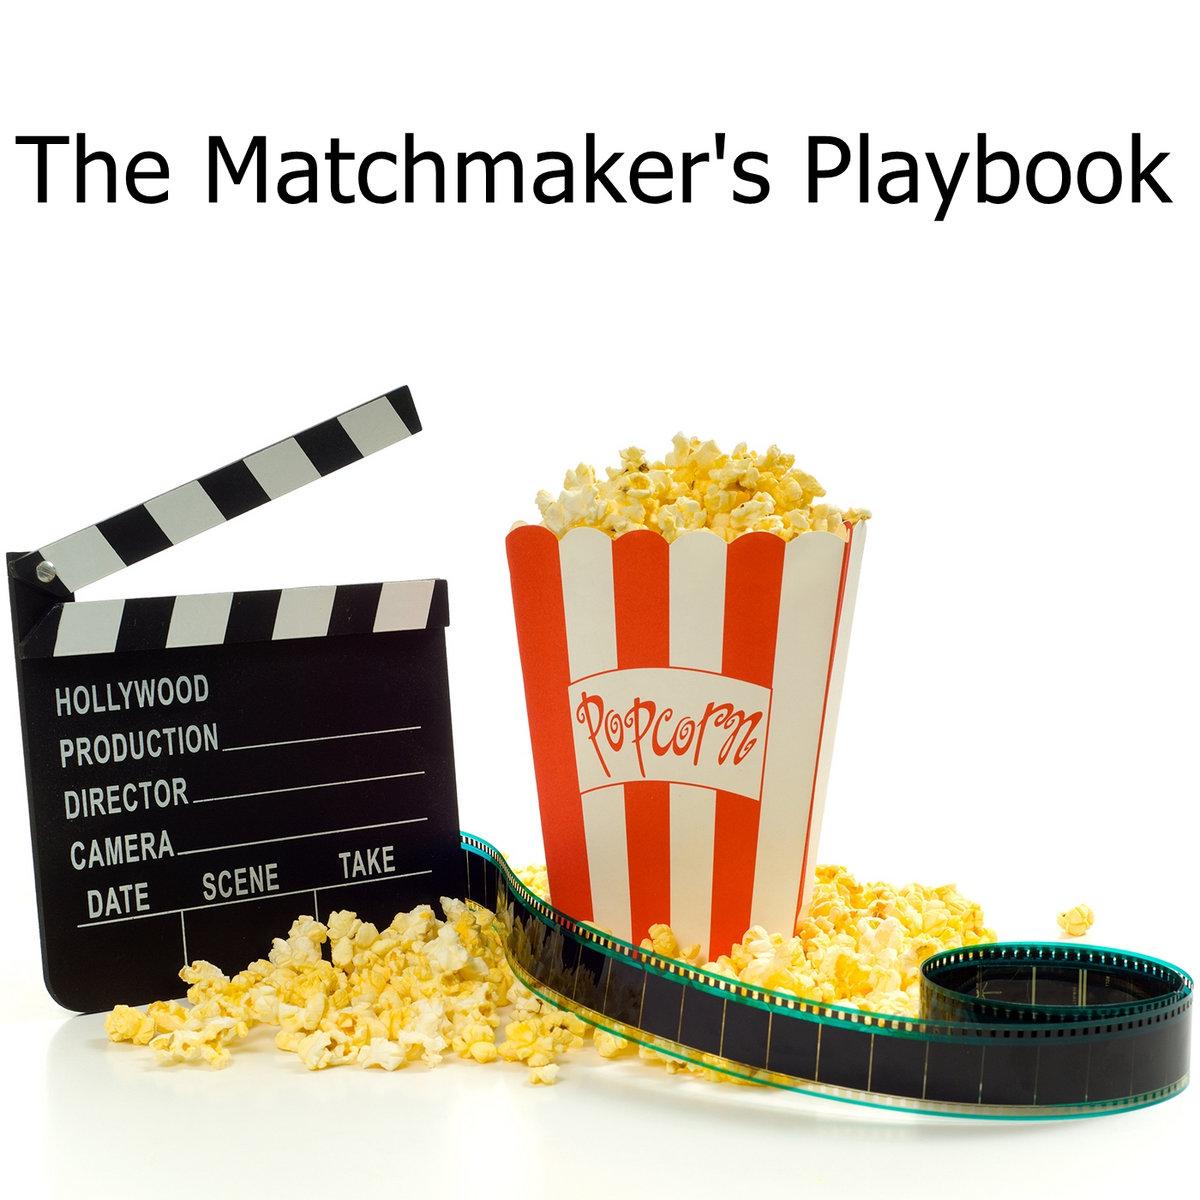 incontri online vs Matchmaker